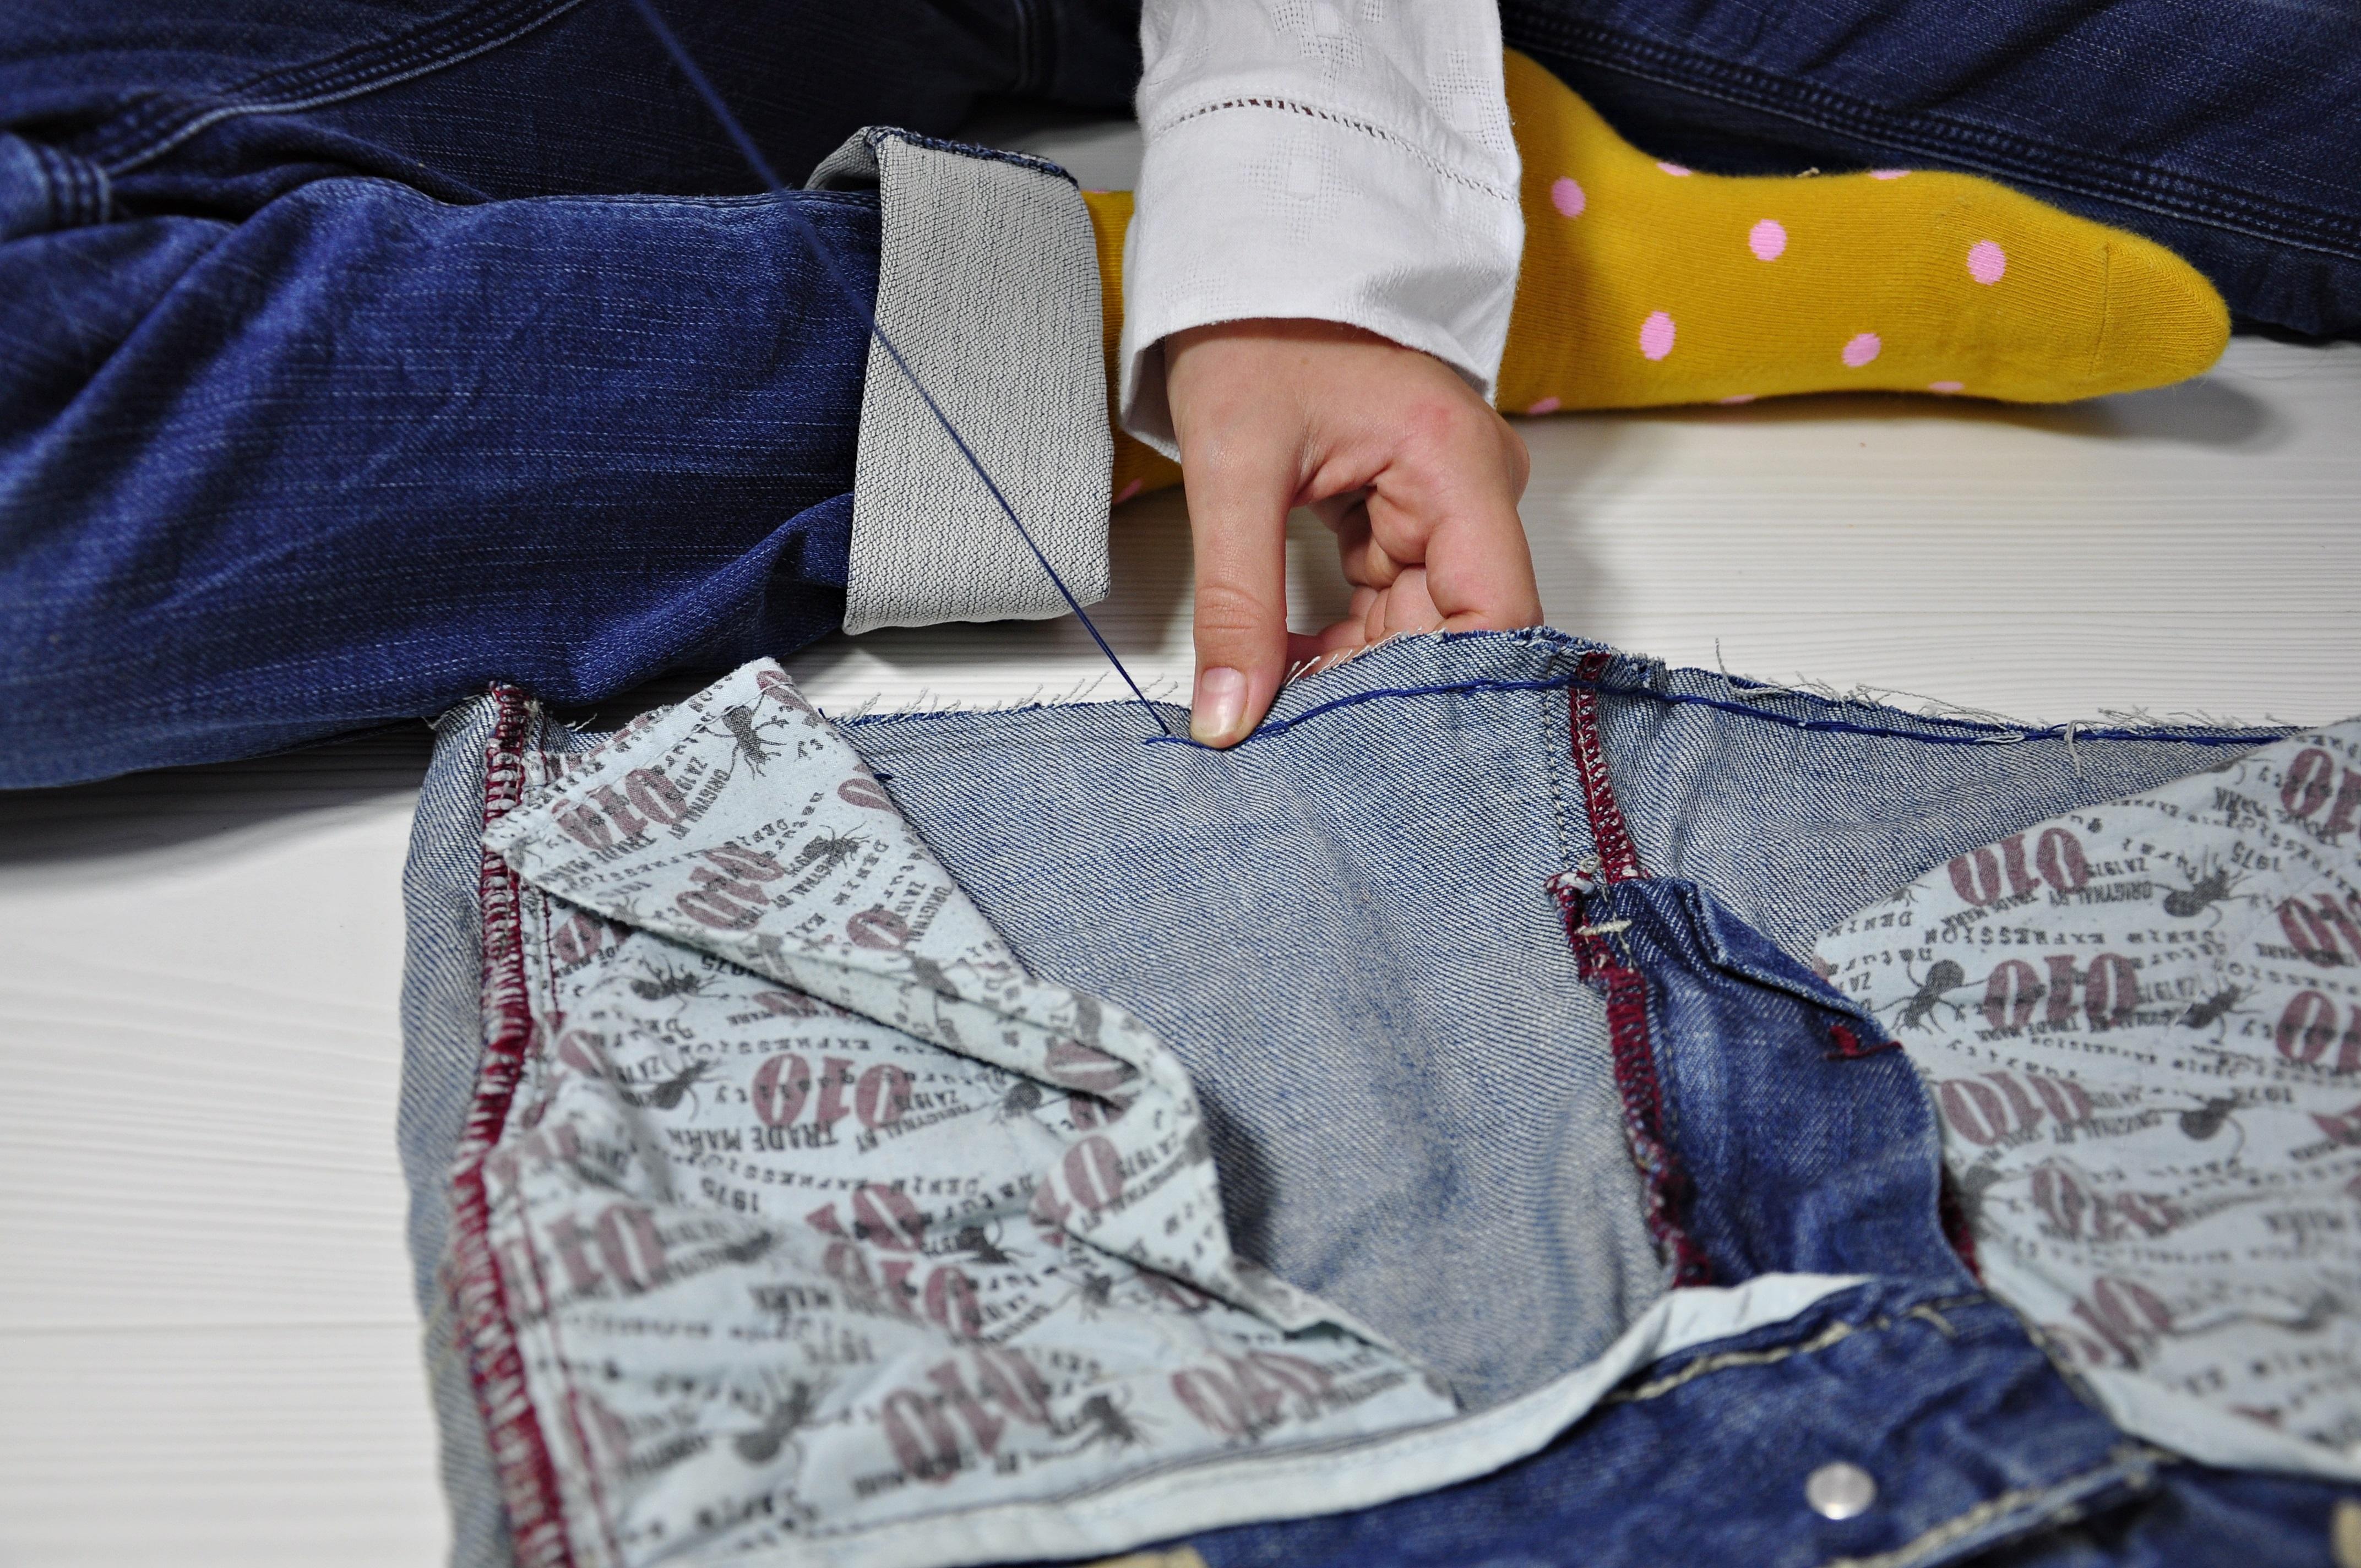 Torba ze spodni dżinsowych jak ją uszyć - instrukcja dla dzieci